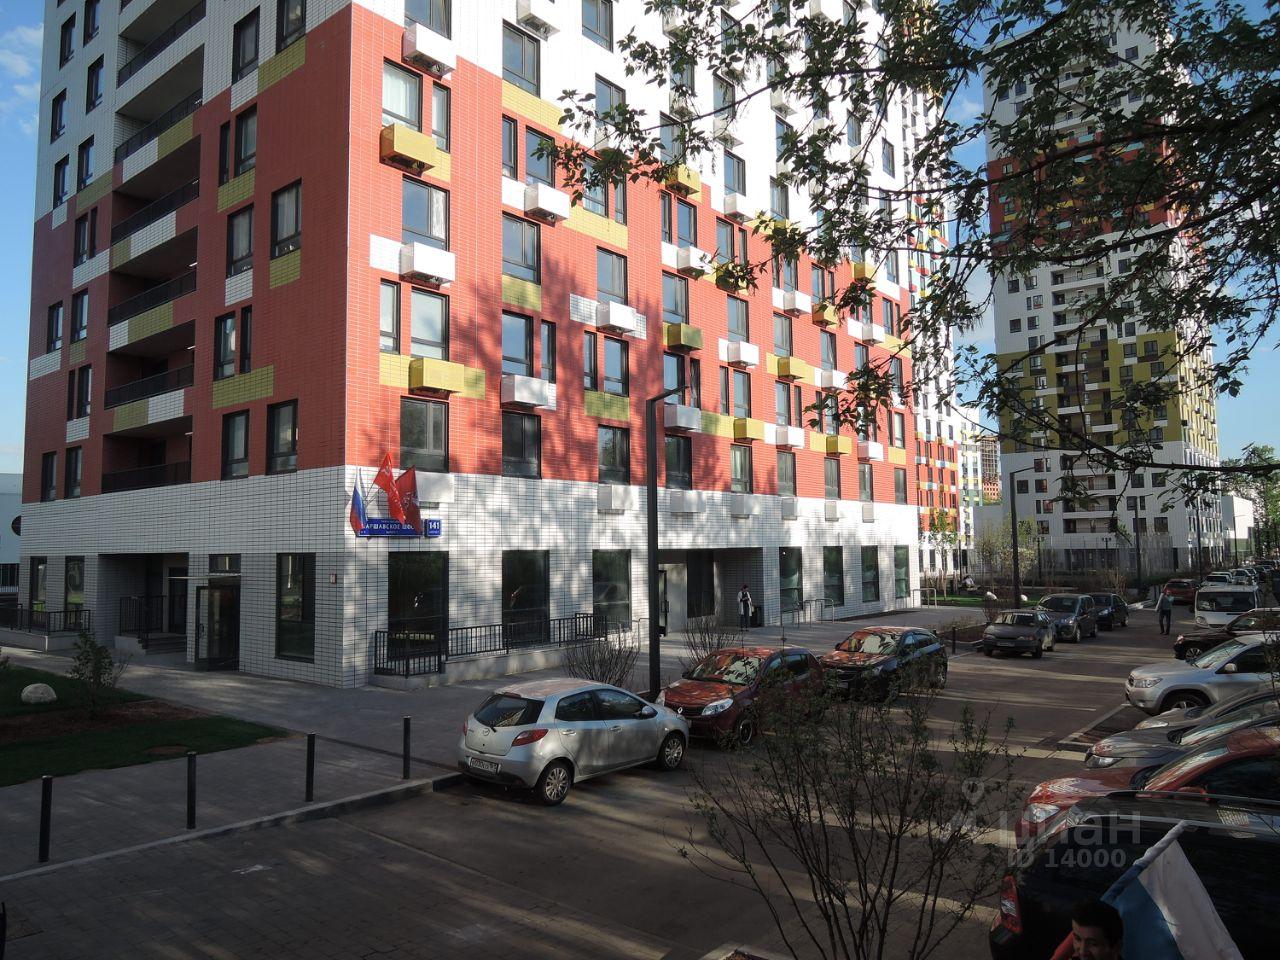 Поиск Коммерческой недвижимости Улица Академика Янгеля аренда офисов в москве от 100 кв м